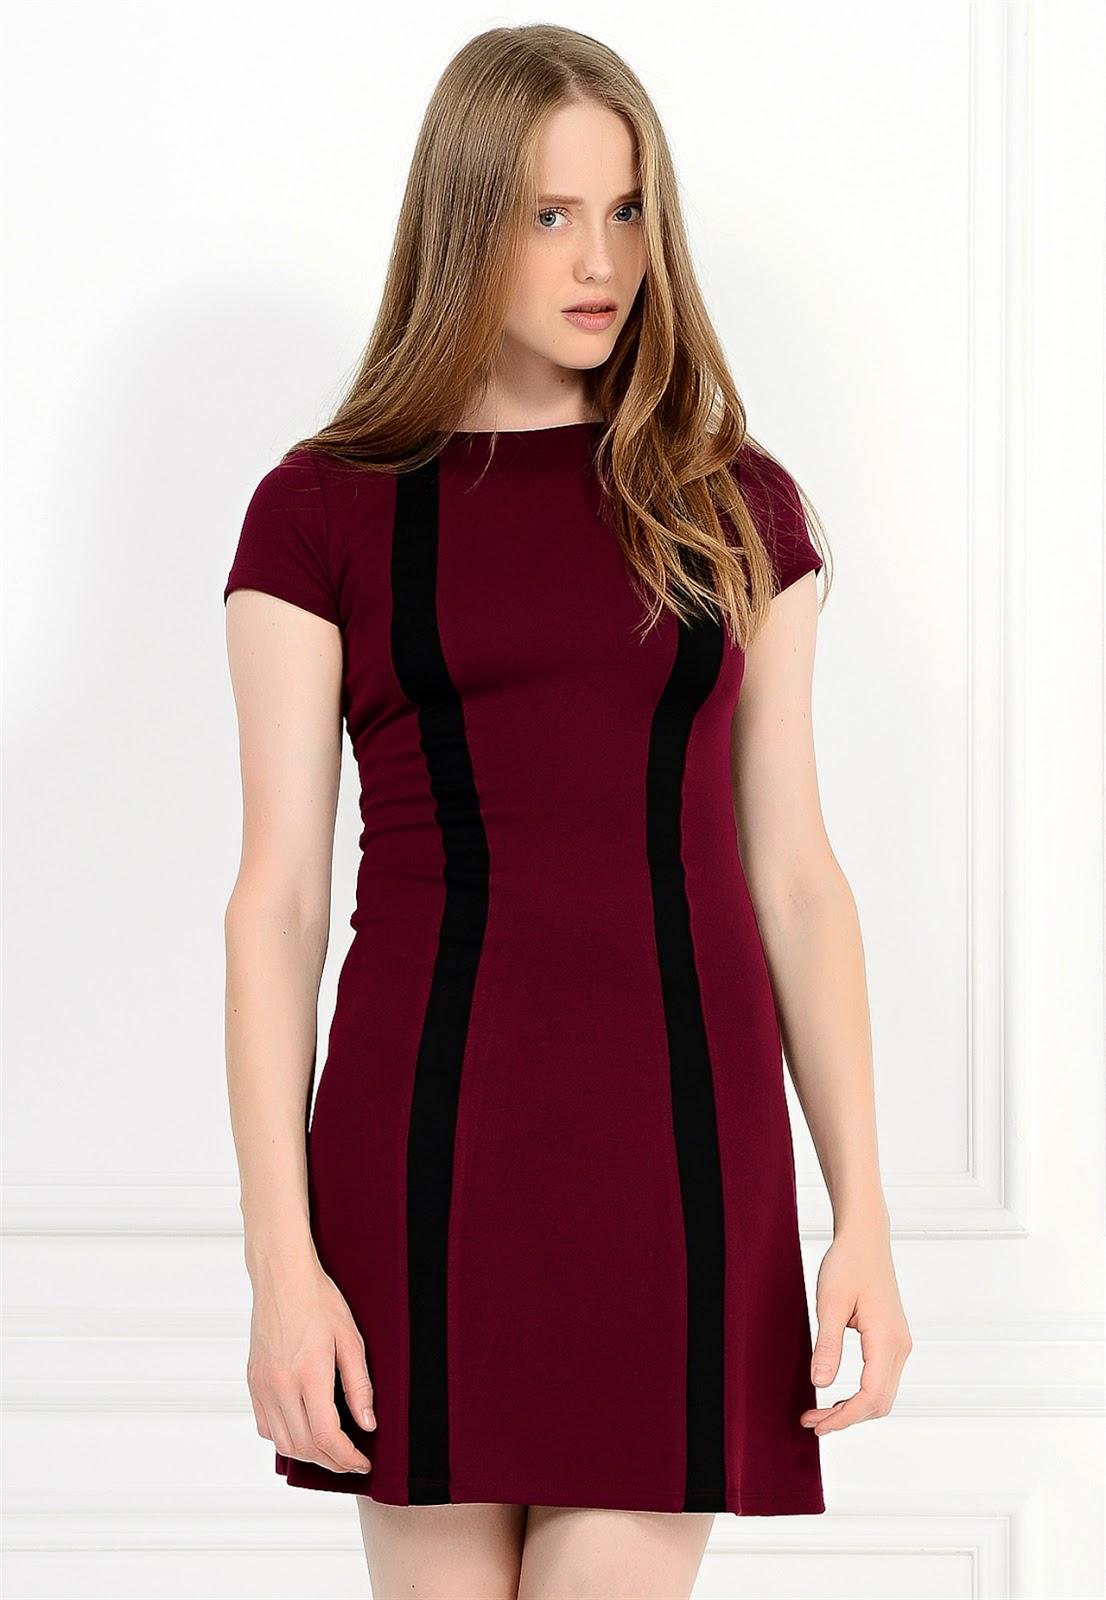 bordo elbise, garnili elbise, kolsuz elbise, dar elbise, kısa elbise, 2015 elbise modelleri, adil ışık elbise